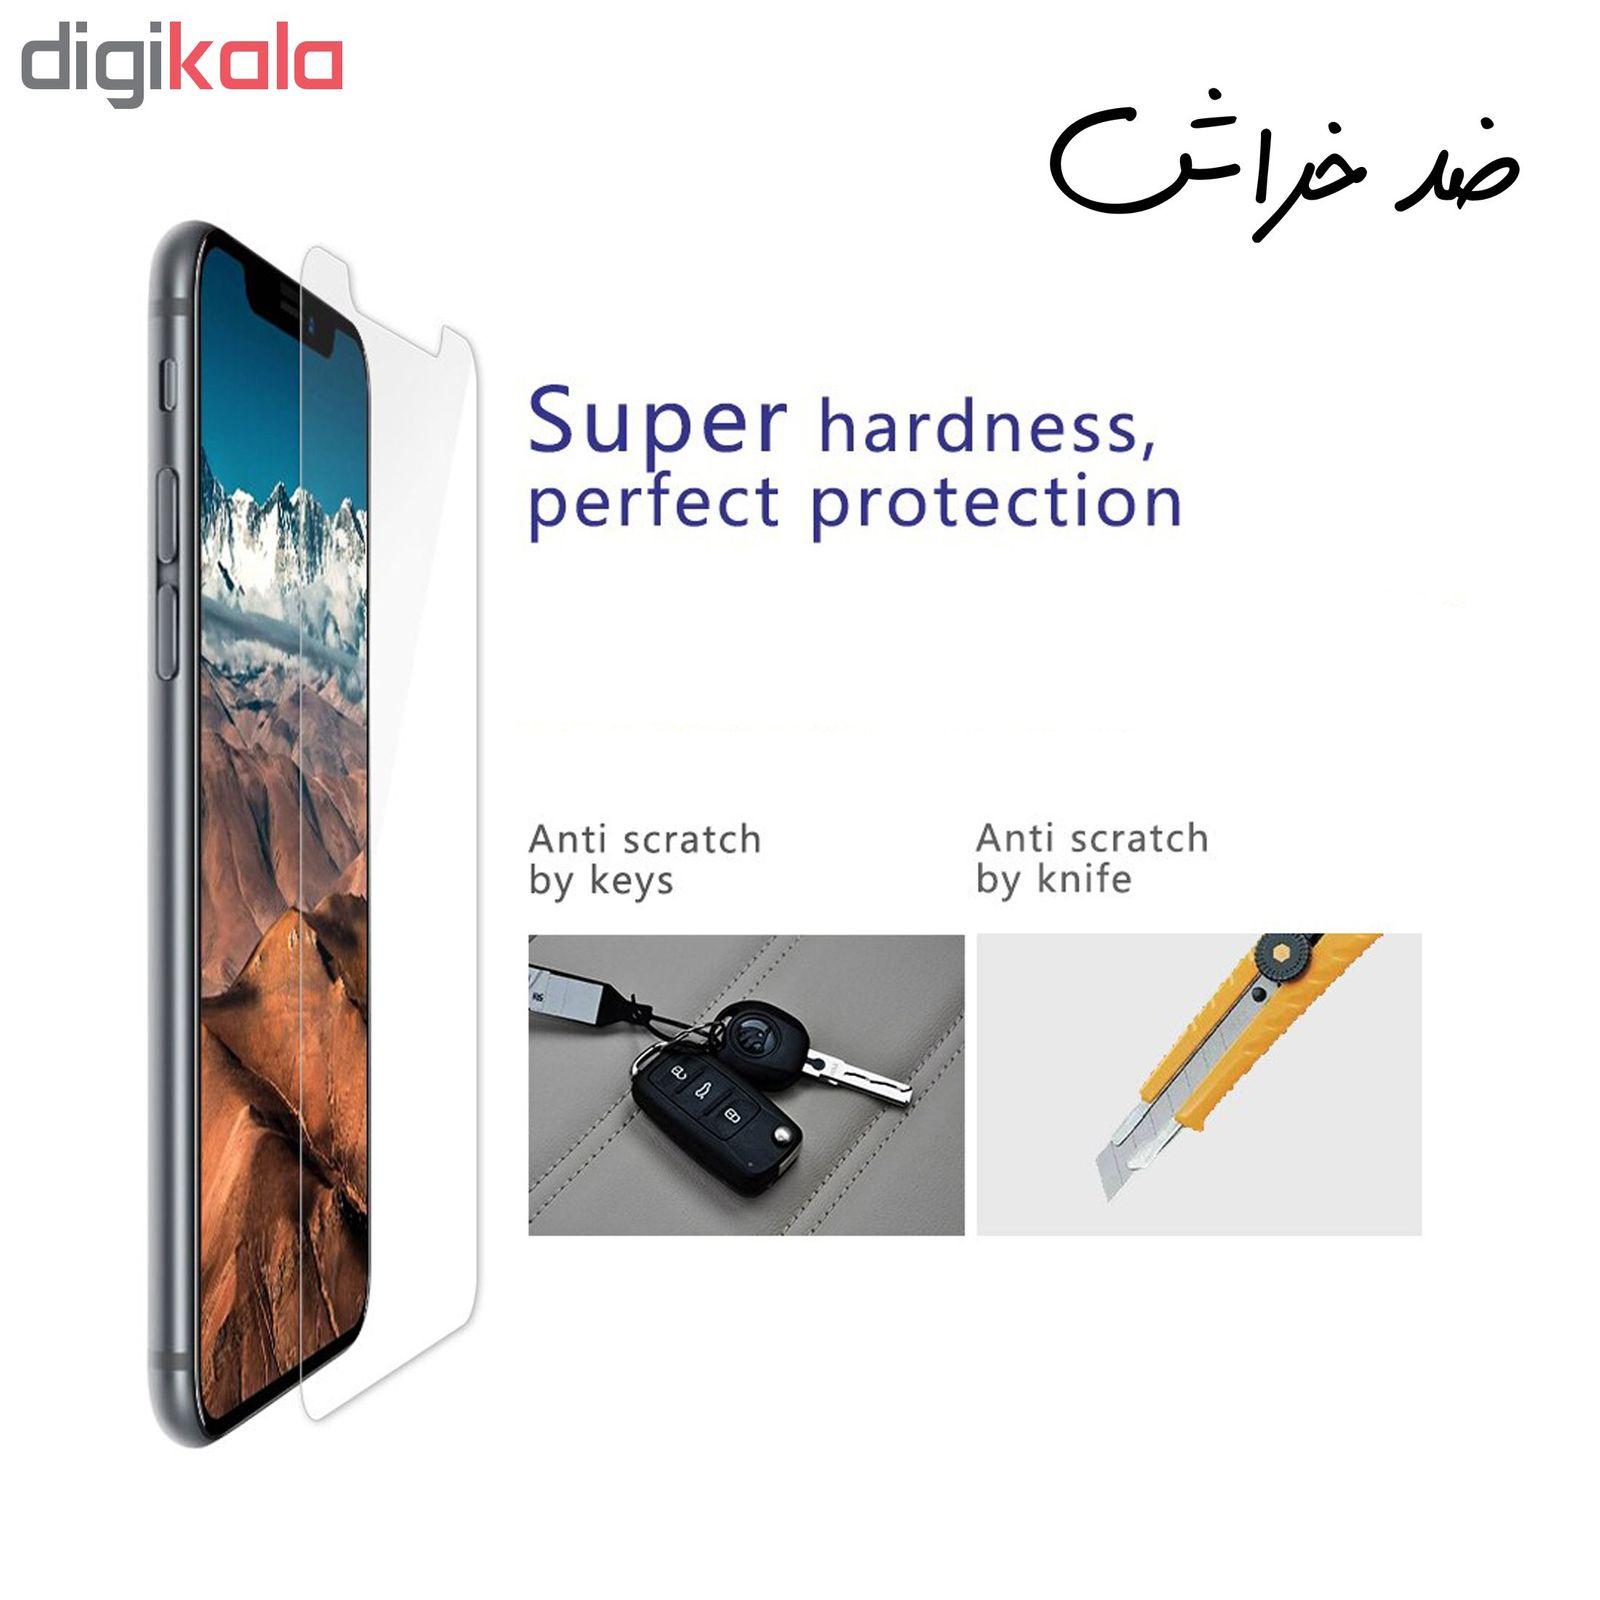 محافظ صفحه نمایش Hard and Thick مدل F-01 مناسب برای گوشی موبایل اپل Iphone 11 main 1 4